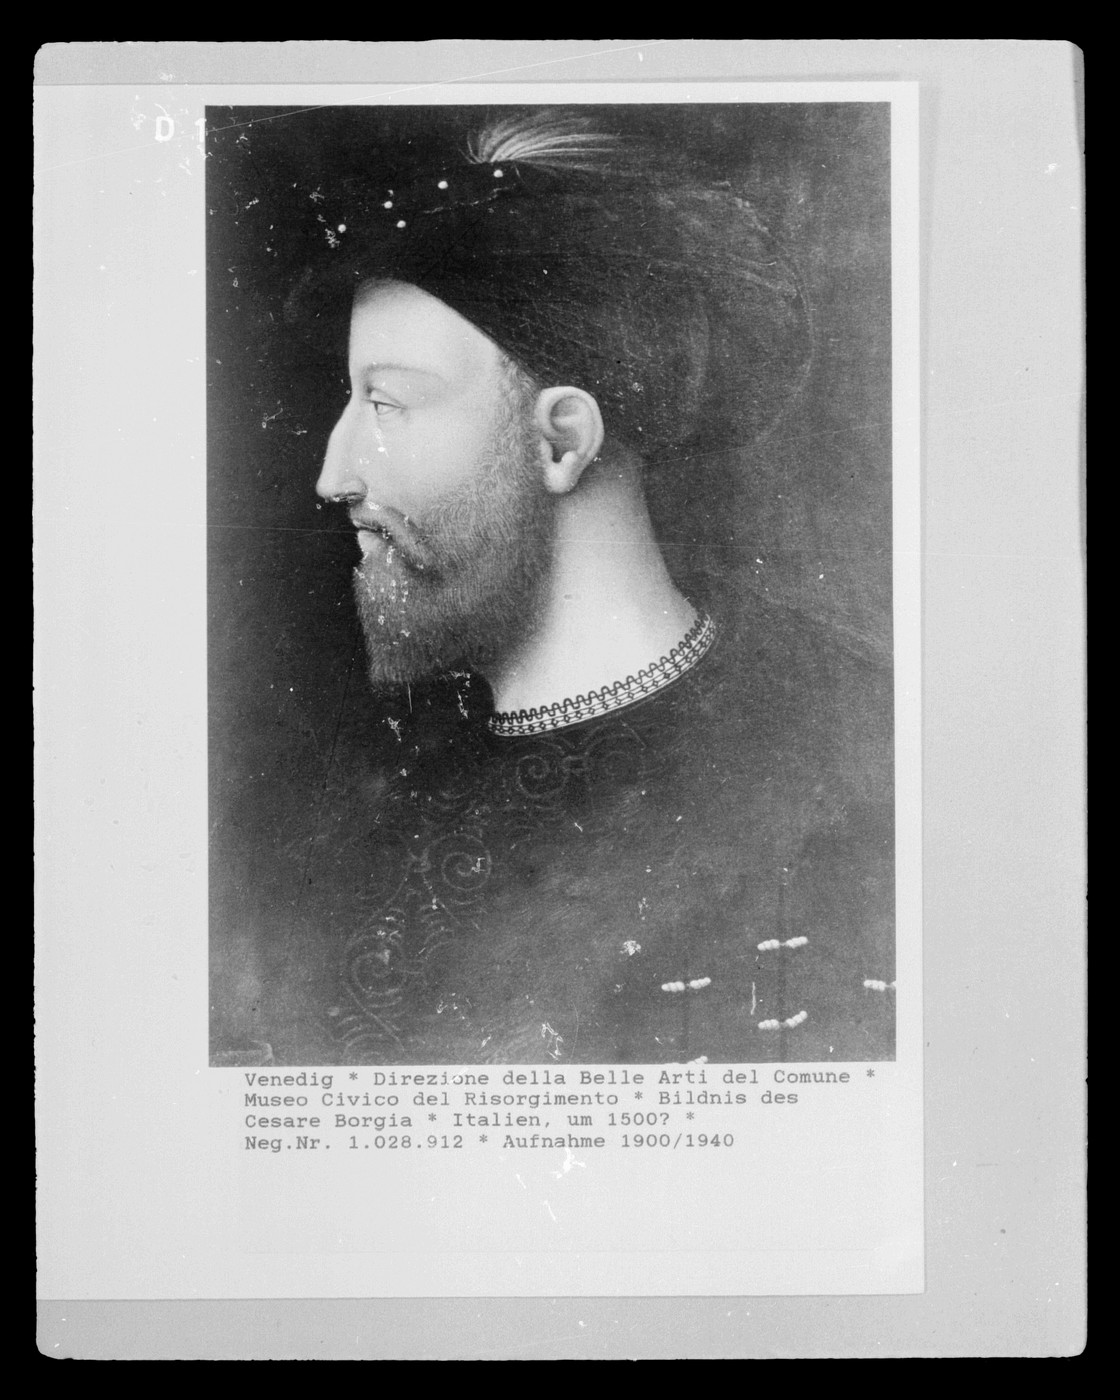 Фальшивый портрет Чезаре Борджа (Франсиско Пескара)